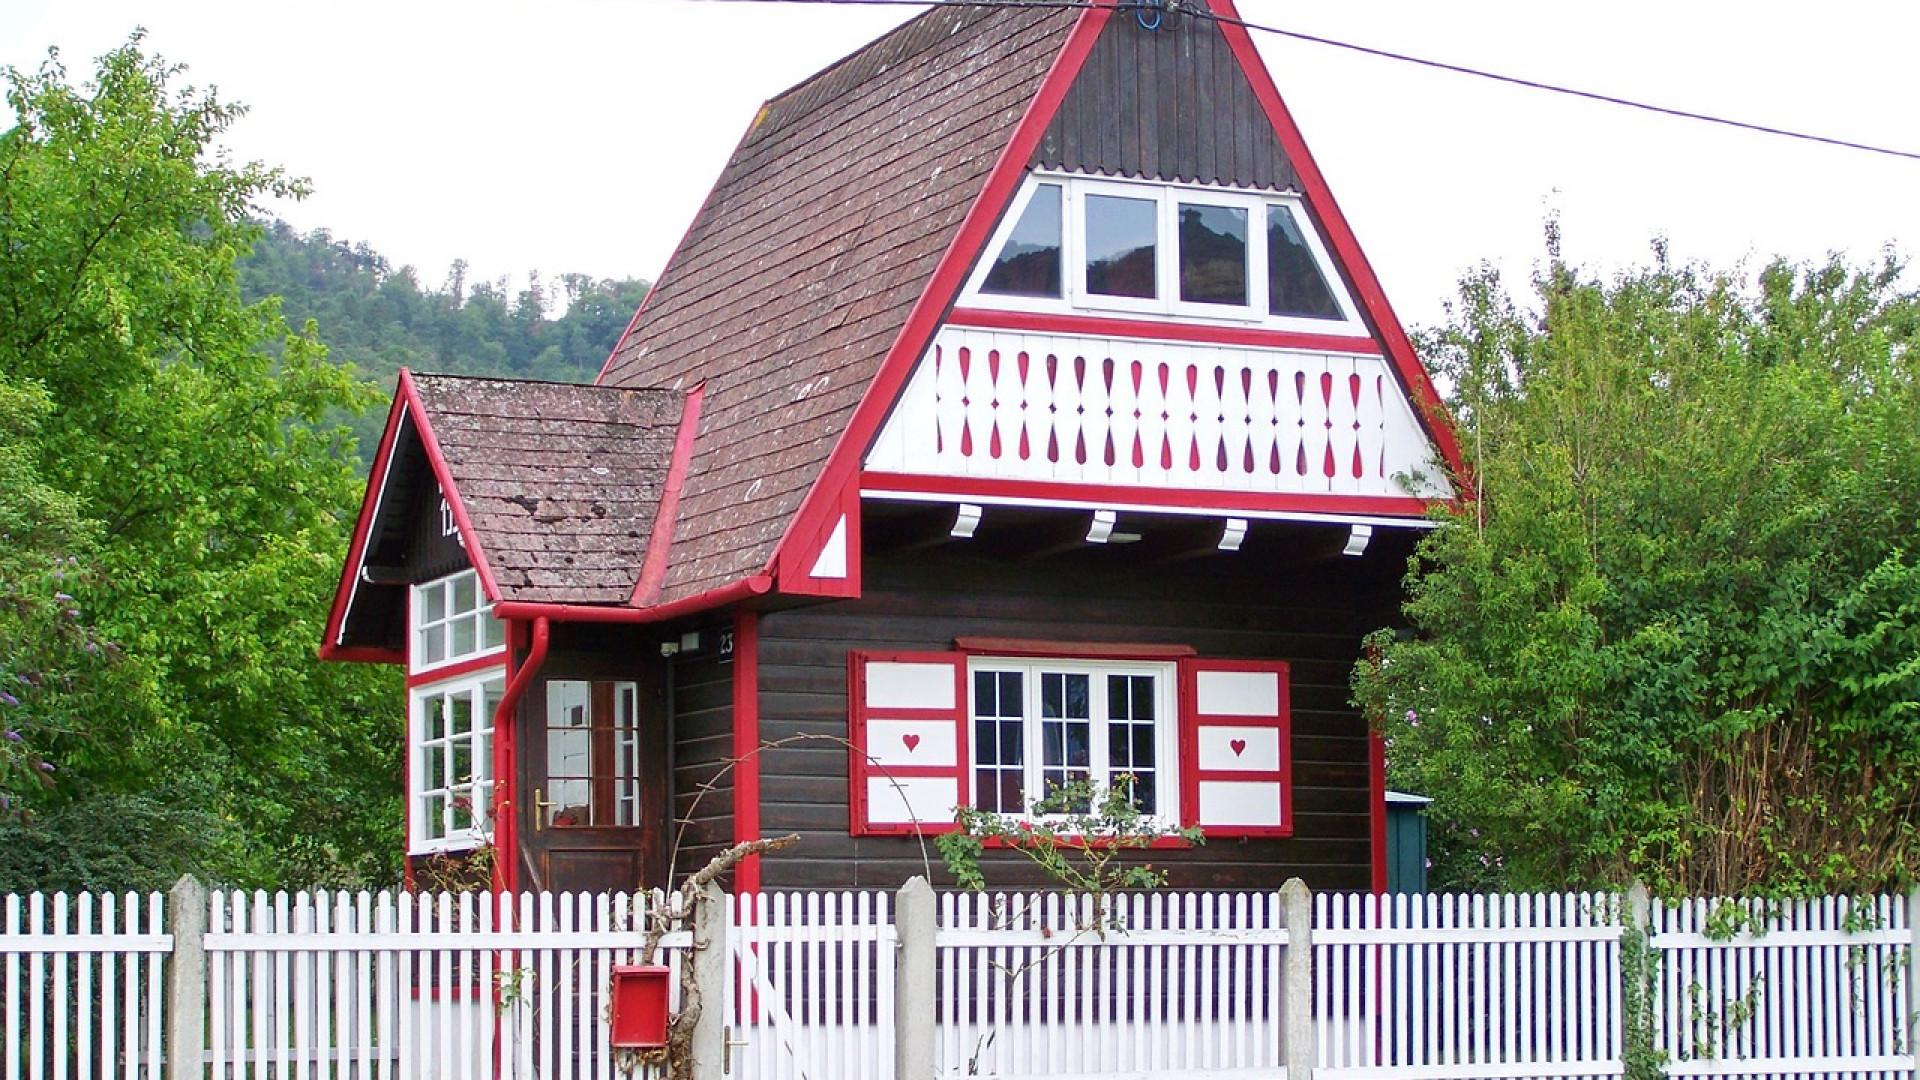 Maison Ossature Bois Suede l'intérêt d'une maison en ossature en bois - votre